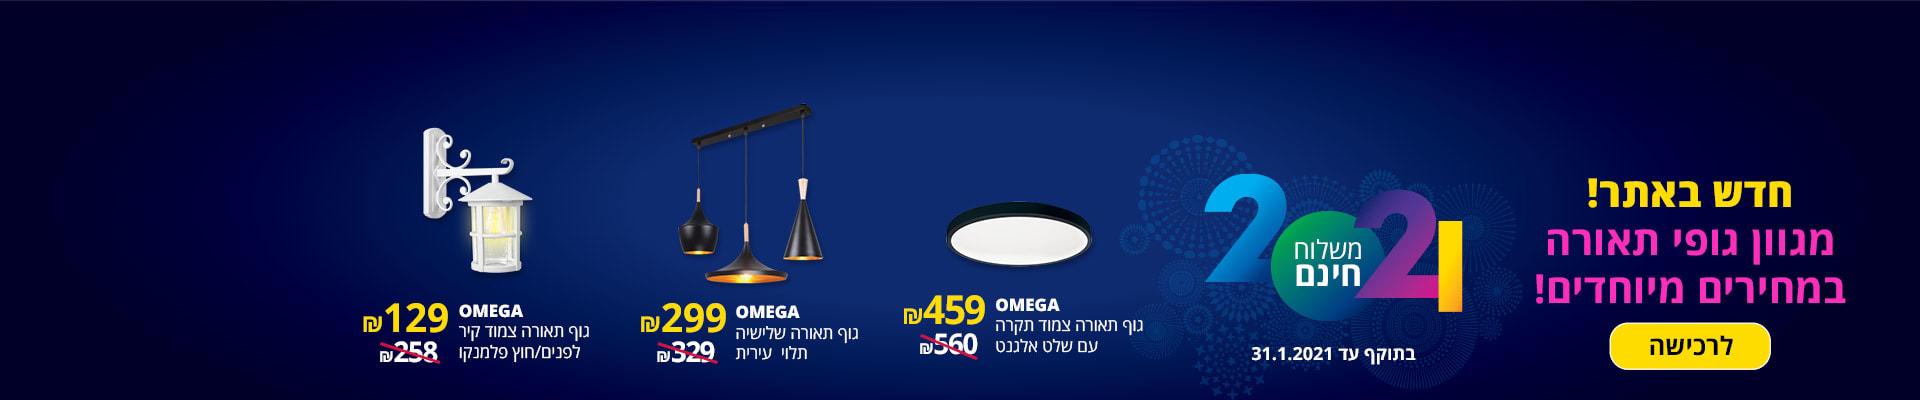 חדש באתר! מגוון גופי תאורה במחירים מטורפים! OMEGA גוף תאורה צמוד תקרה עם שלט אלגנט 459 ₪, OMEGA גוף תאורה שלישייה תלוי עירית 299 ₪, OMEGA גוף תאורה צמוד קיר לפנים/ חוץ פלמנקו 129 ₪ משלוח חינם. בתוקף עד 31.1.2021